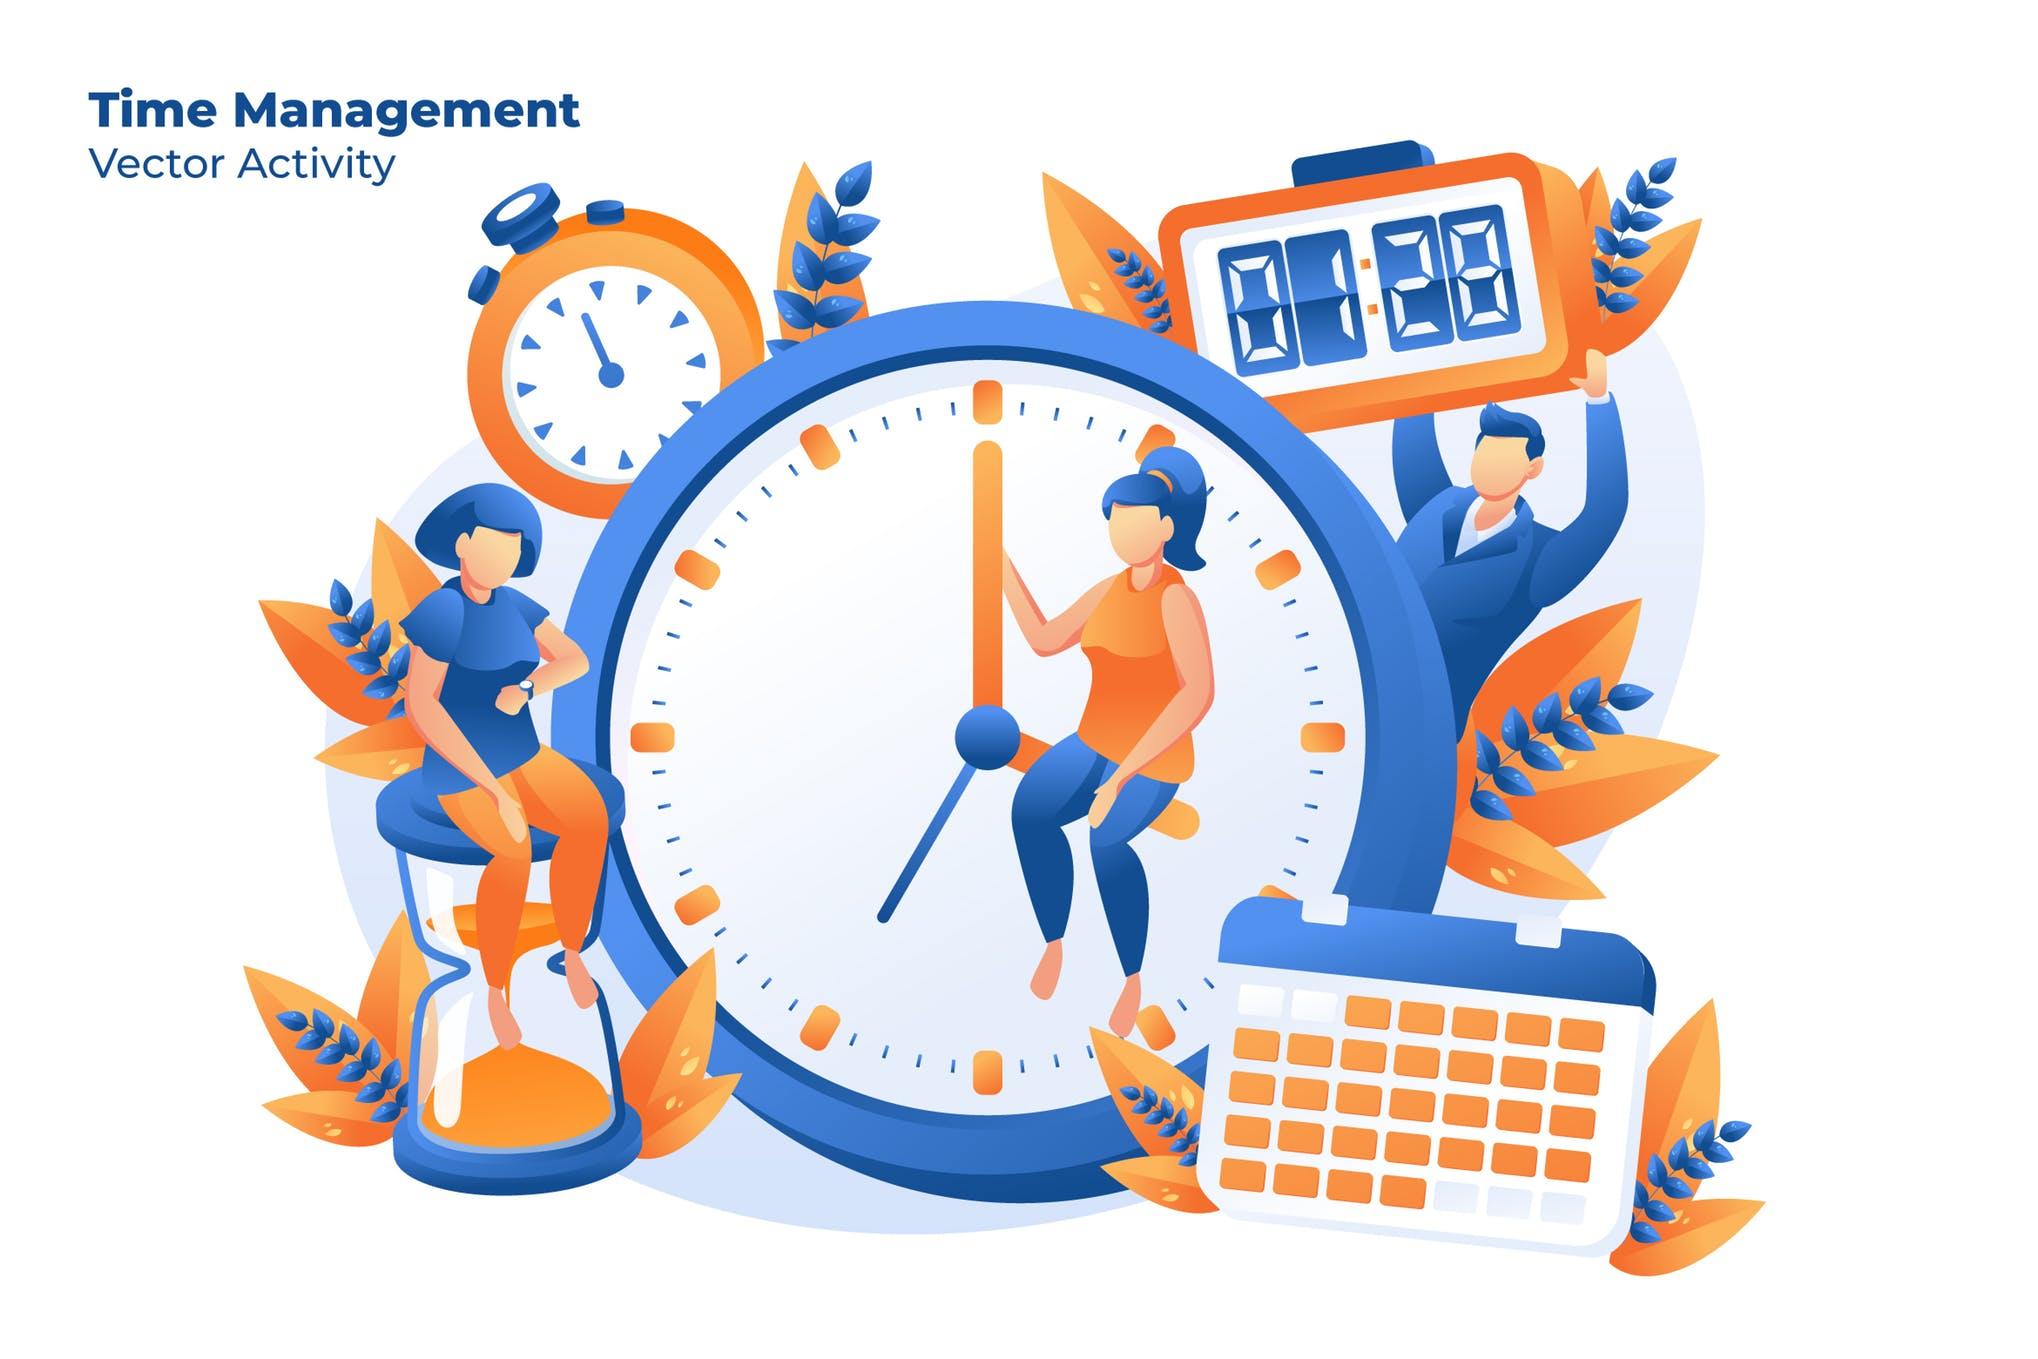 时间创意插画手绘风素材下载Time Management - Vector Illustration